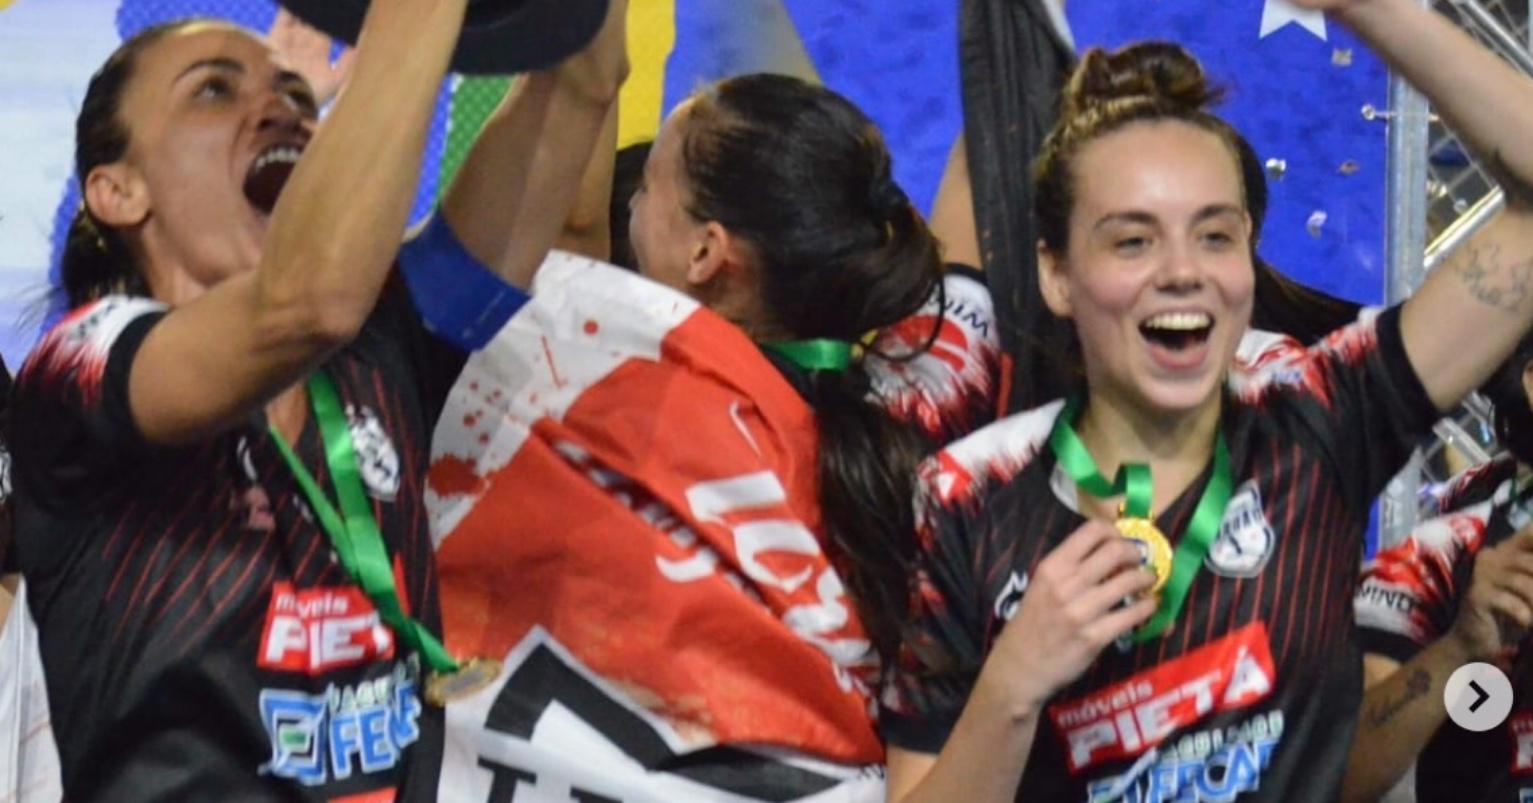 Melhor time de futsal feminino do mundo em 2019 se adéqua à pandemia